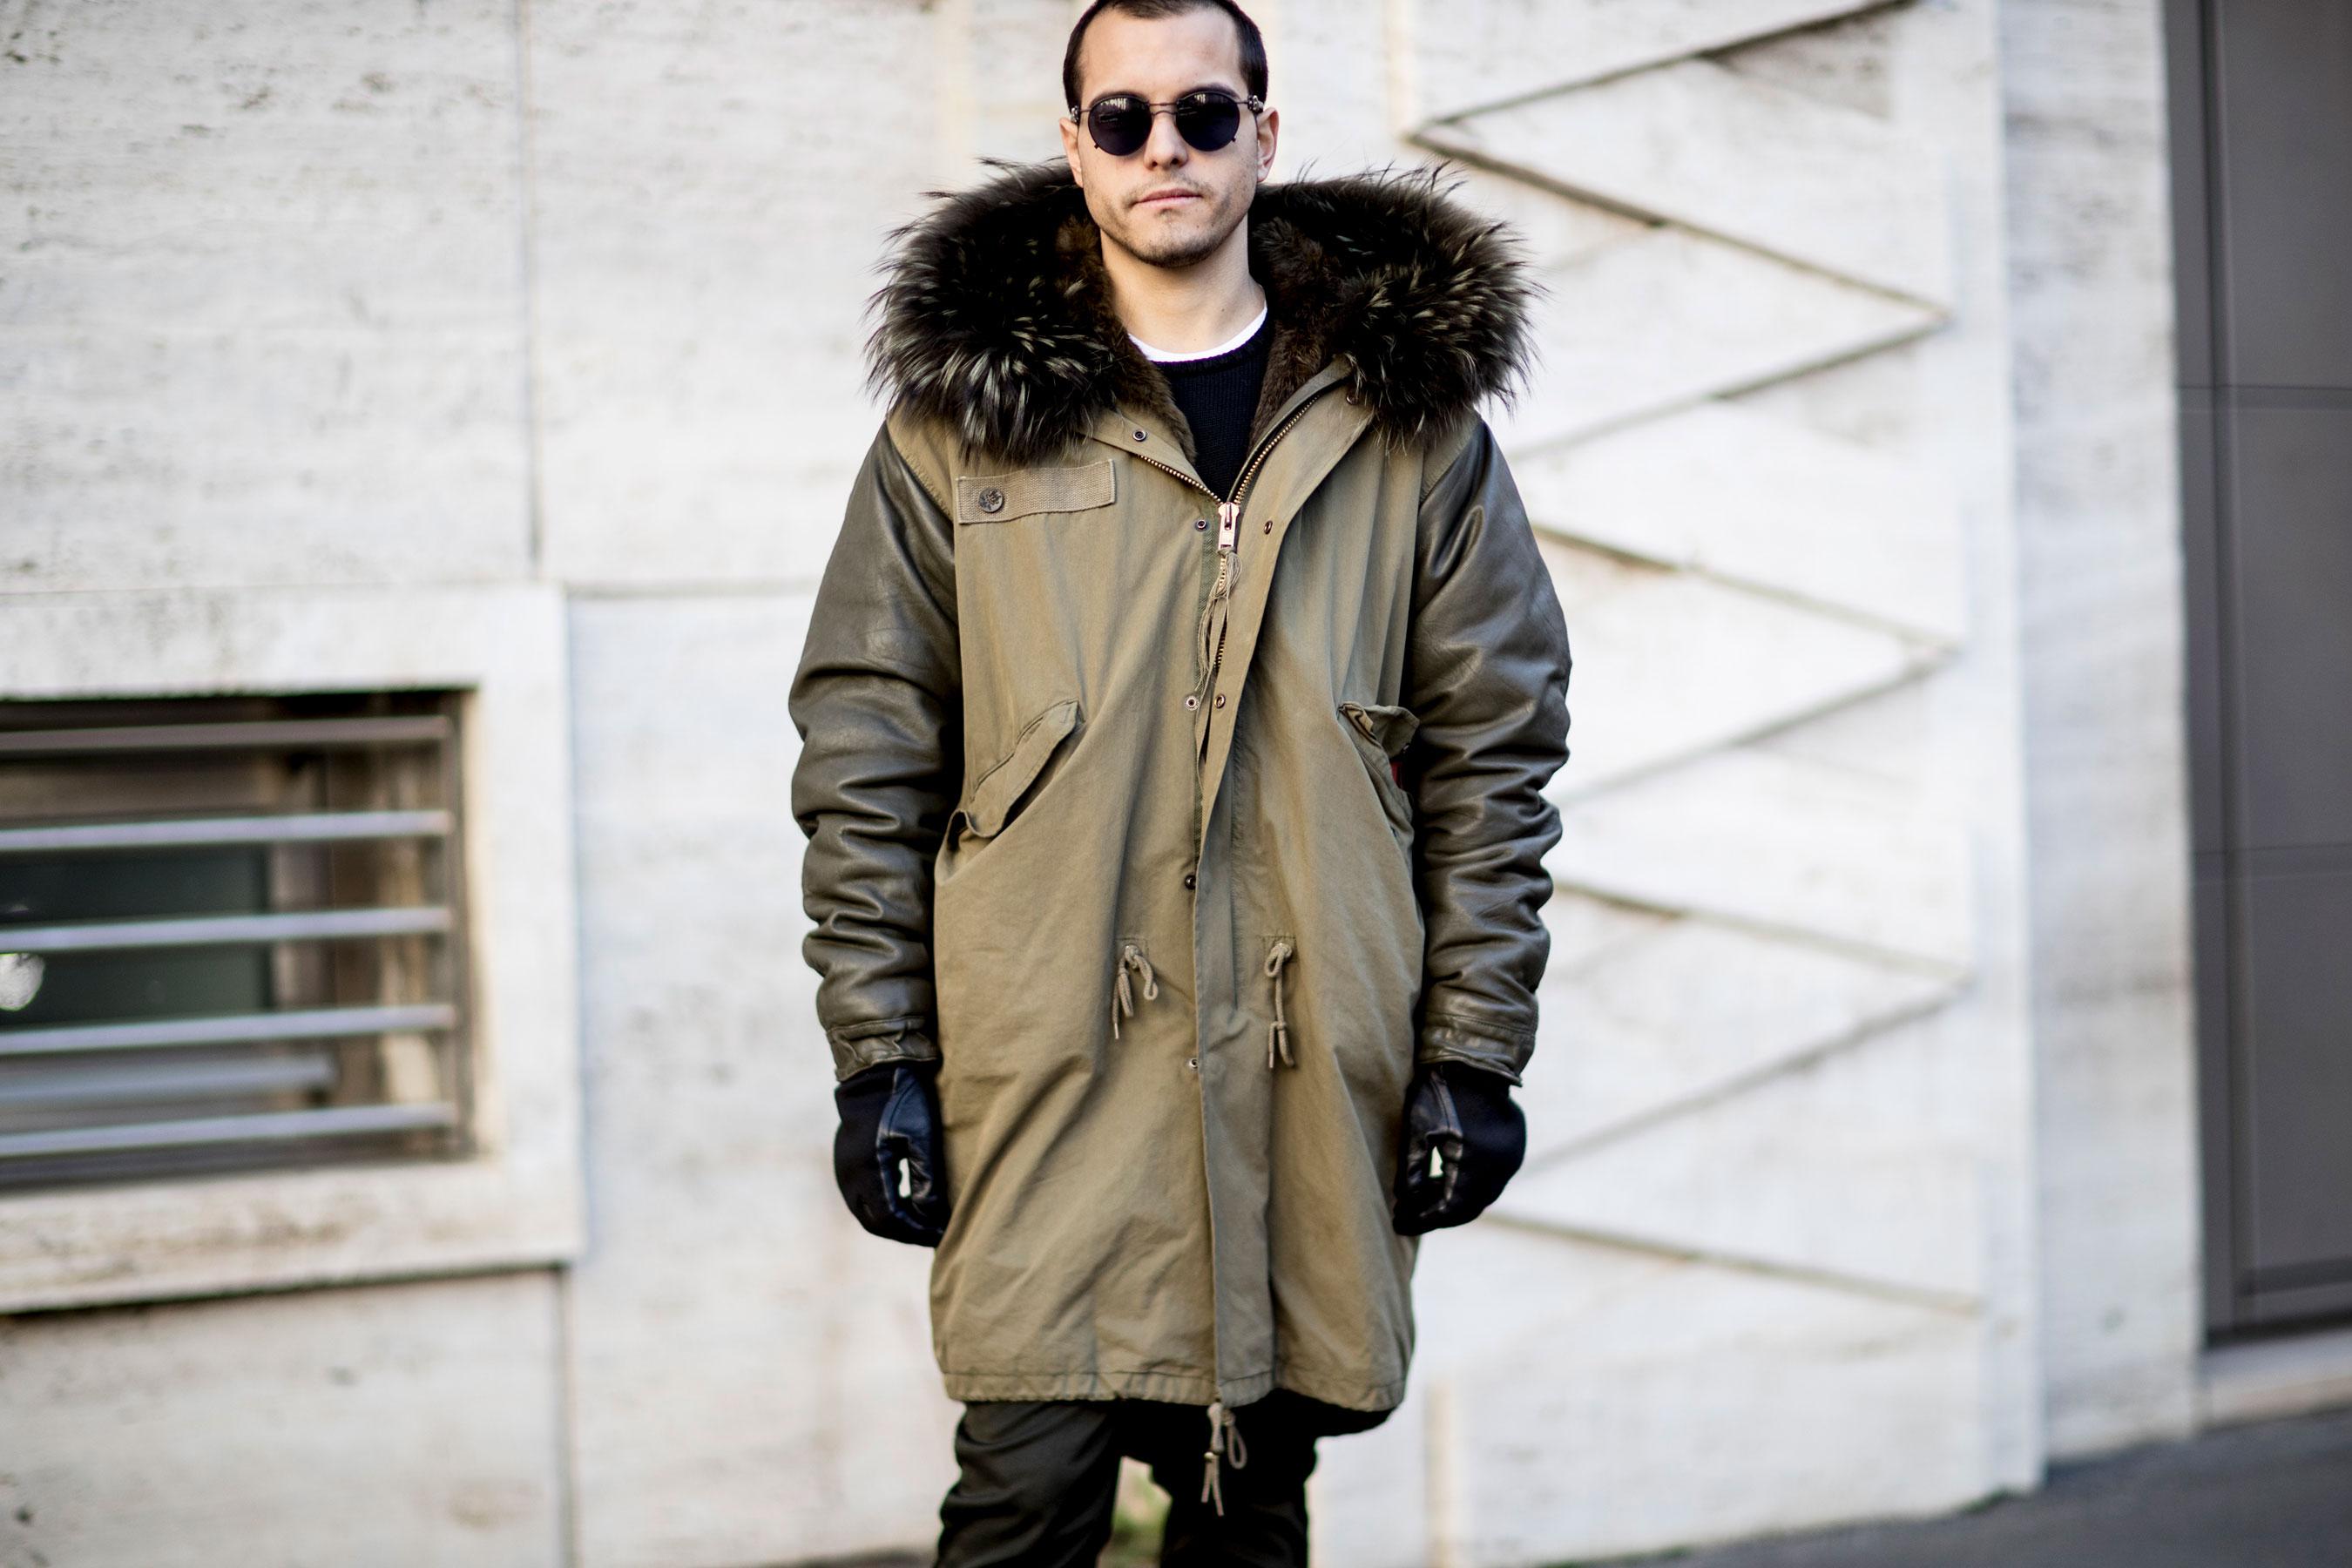 a412da81c05a4 Мужские Куртки 2018 на Осень и Зиму, Какие Фасоны в Моде, Стильные ...